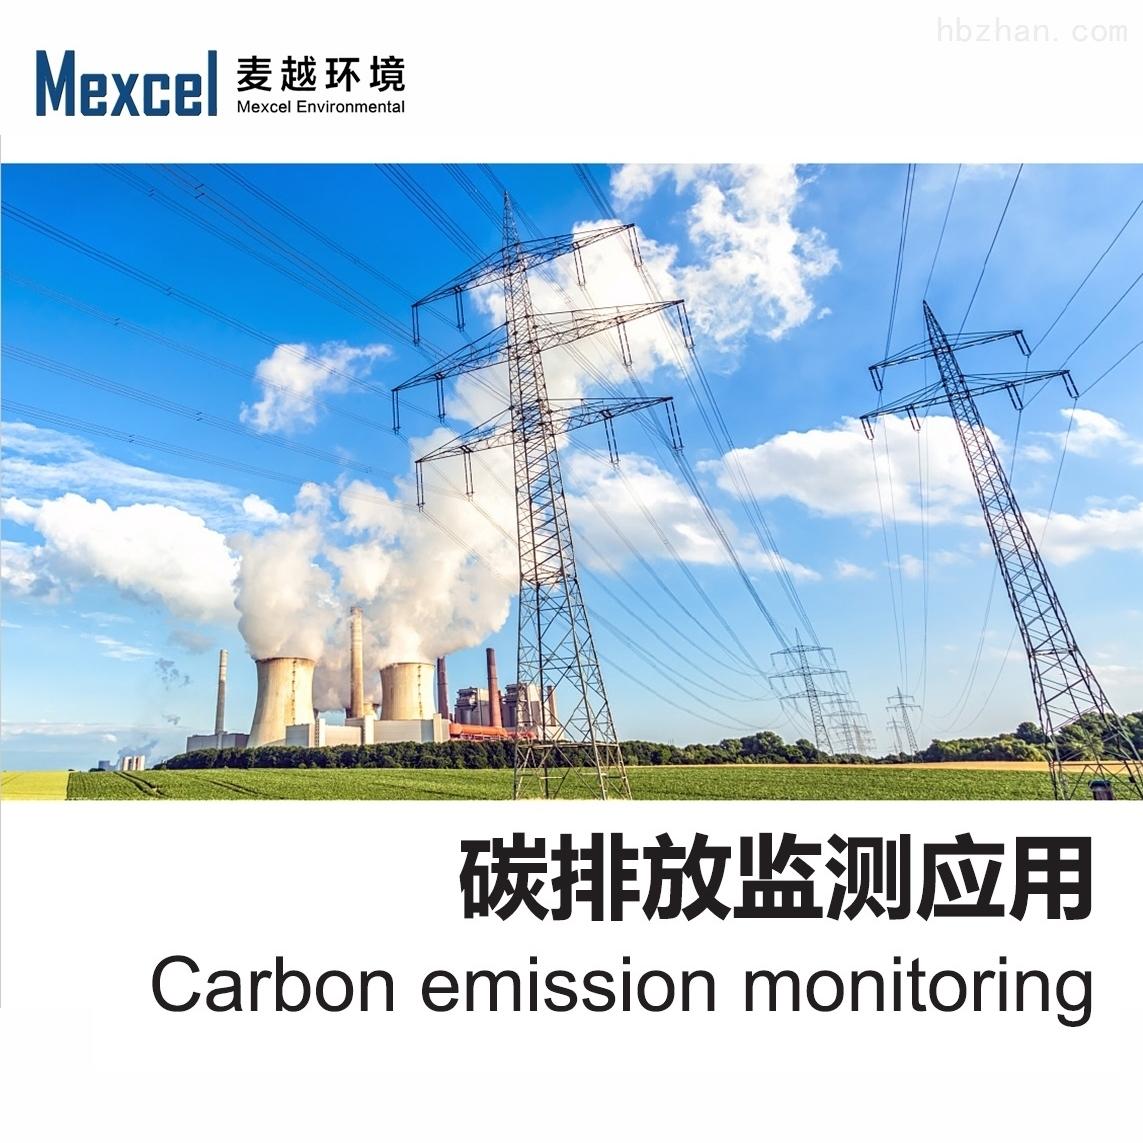 厂界无组织排放碳排放监测设备